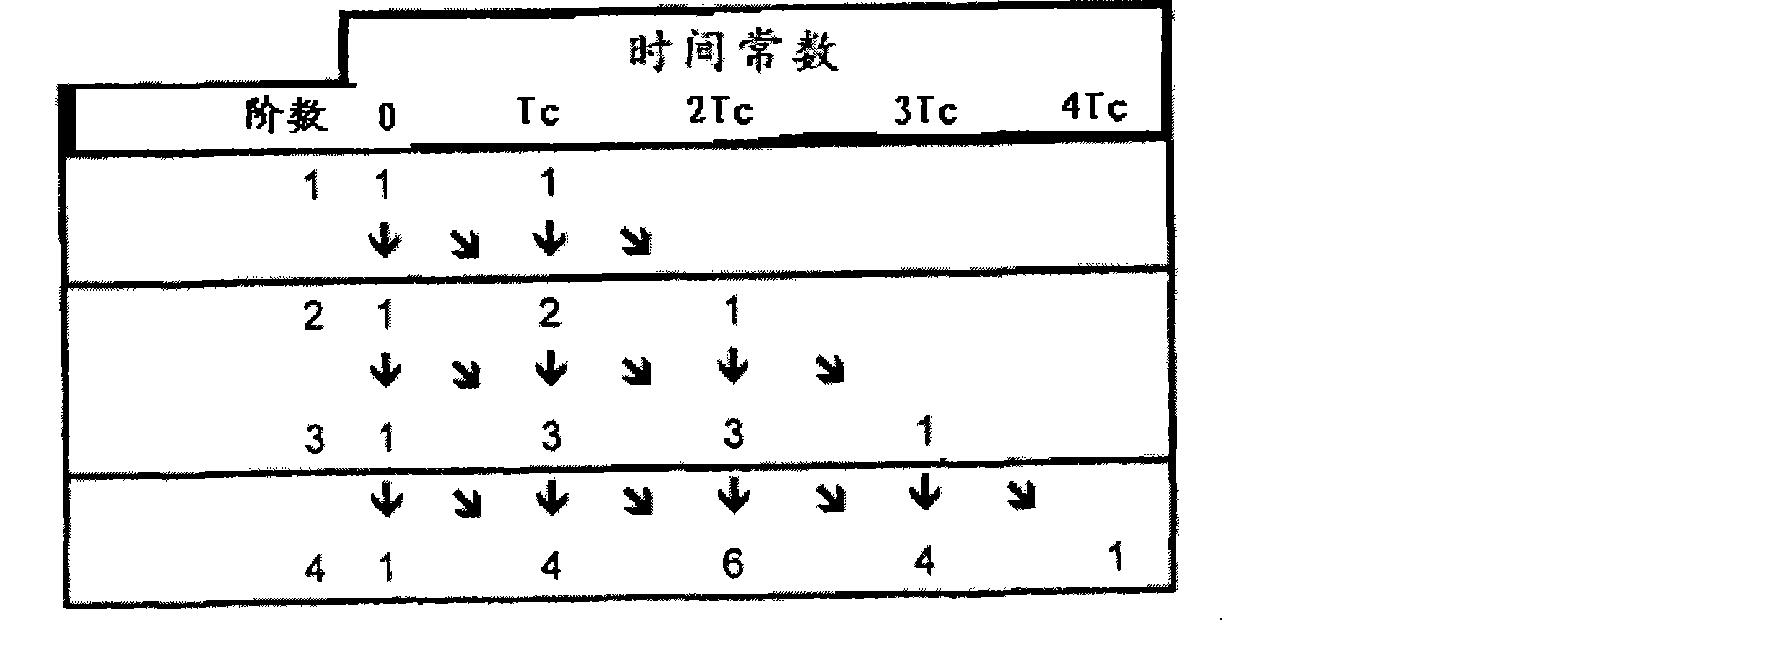 一阶rc阶跃响应电路